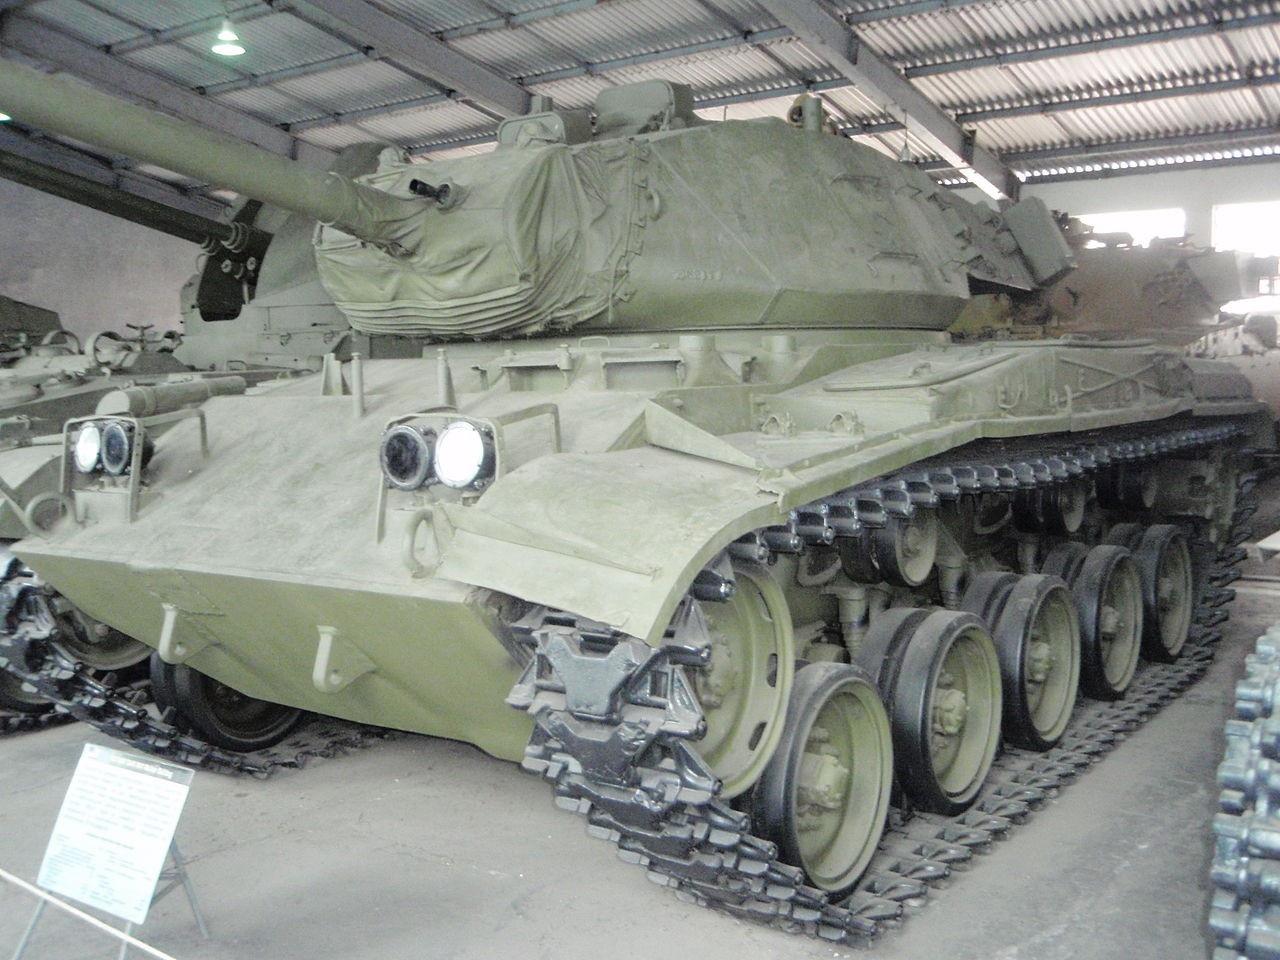 Танк M41 «Walker Bulldog» в Бронетанковом музее в Кубинке.